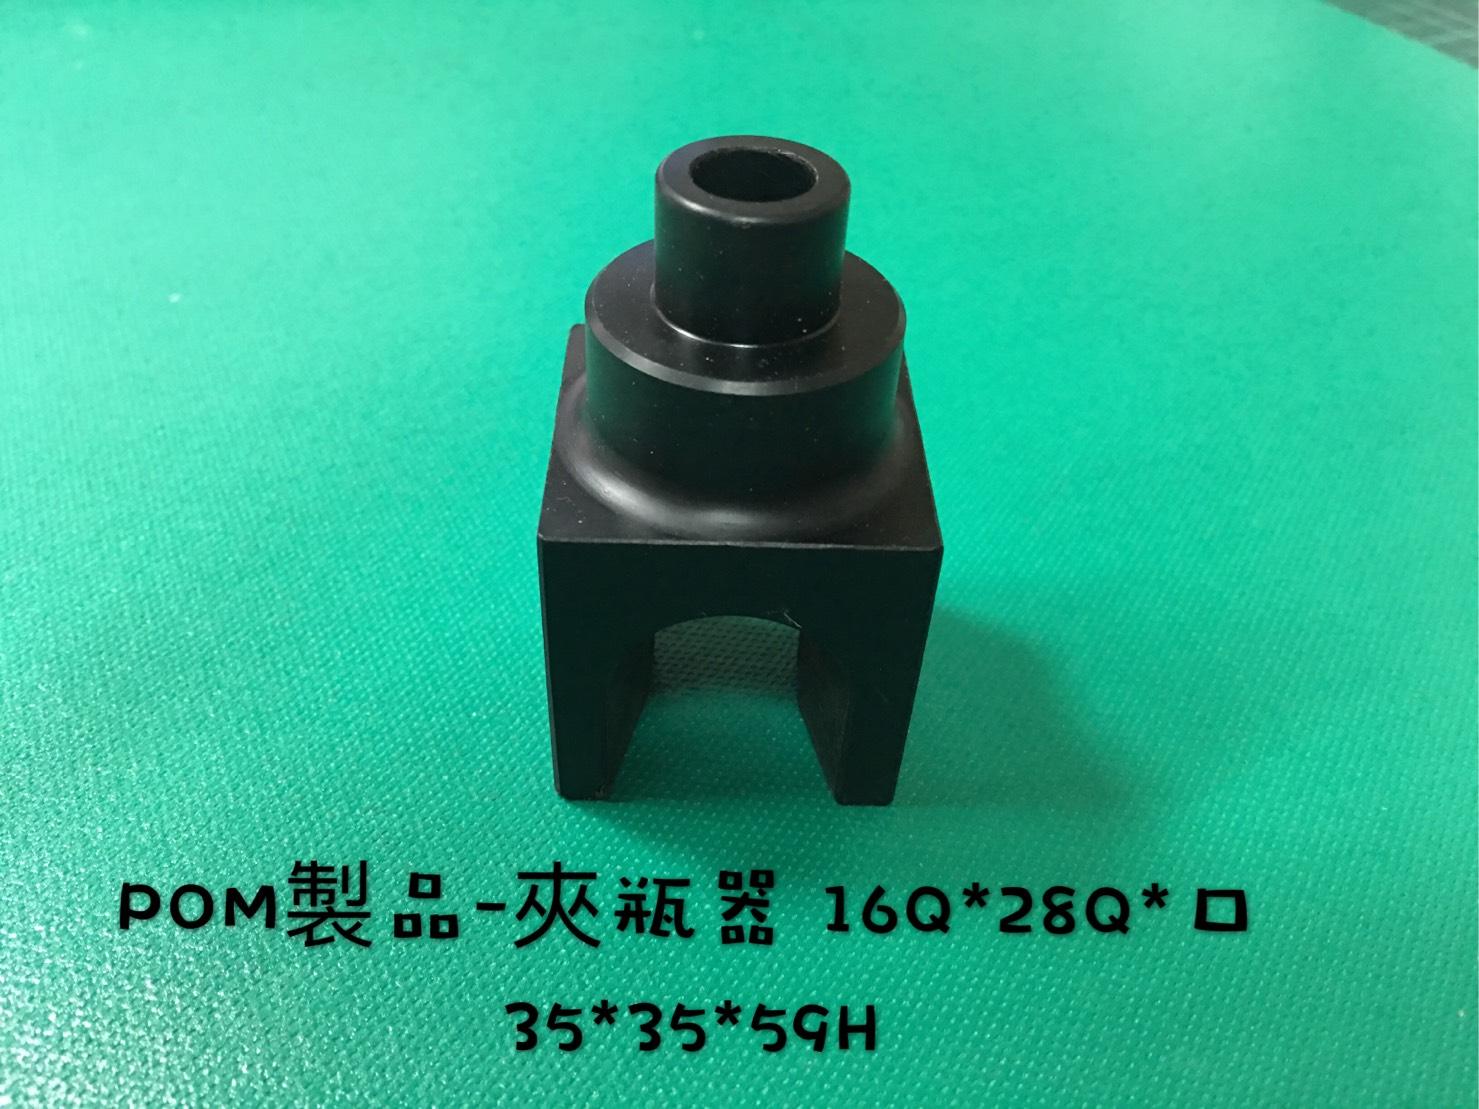 1060103黑松-劉振欽-POM製品-夾瓶器 D108-16-28-35-35-59